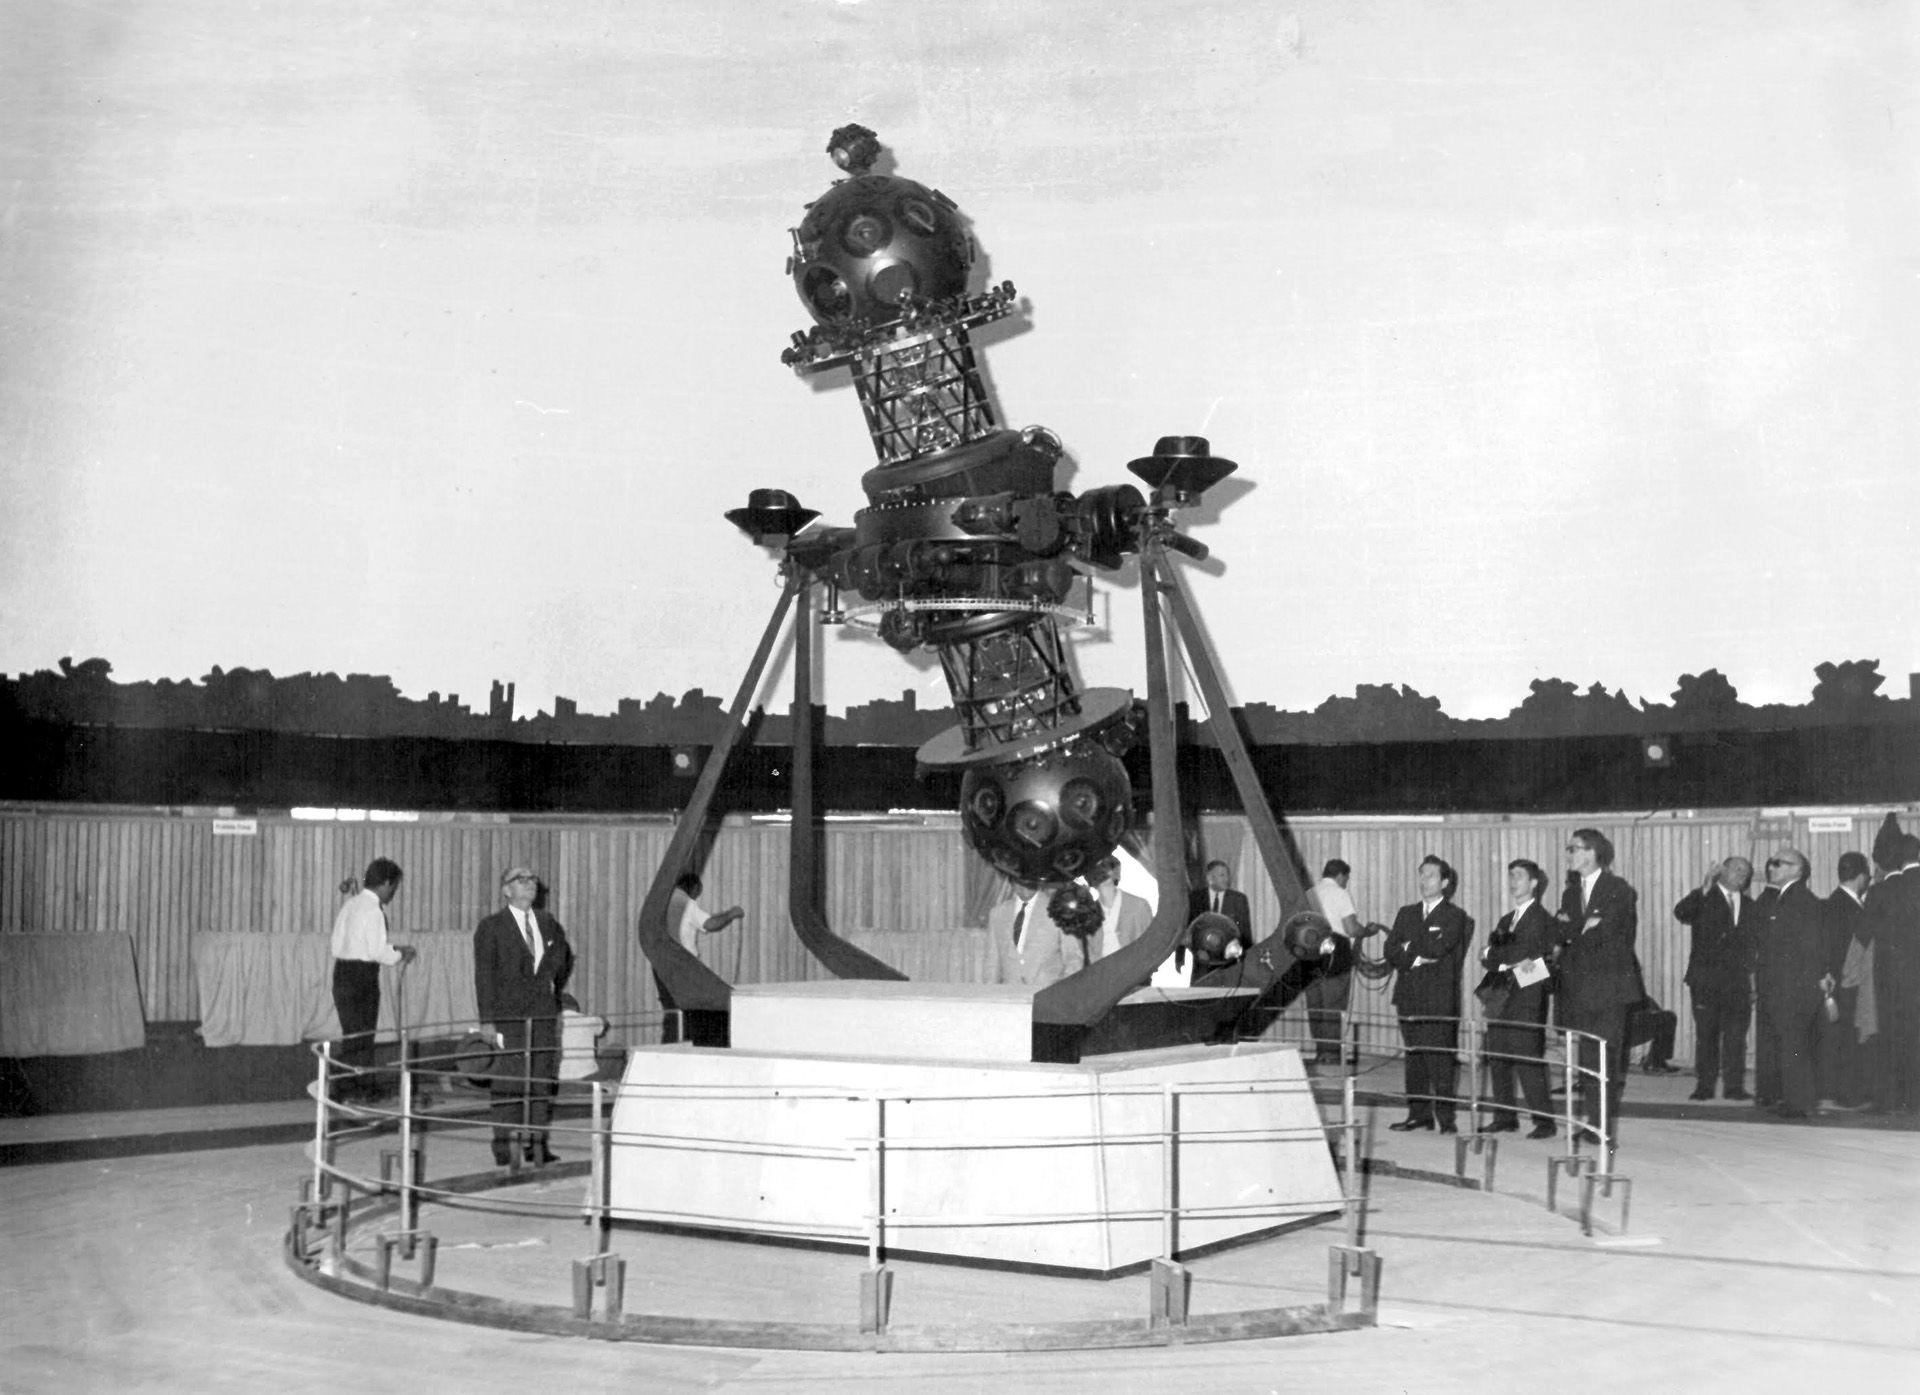 Su primer planetario, aquel modelo Zeiss, tenía de 5 metros de altura y 2,5 toneladas de peso. Reprodujo durante 44 años el panorama del cielo con 8900 estrellas, los planetas, el Sol, la Luna, algunas nebulosas y cúmulos estelares, estrellas fugaces y otros objetos celestes